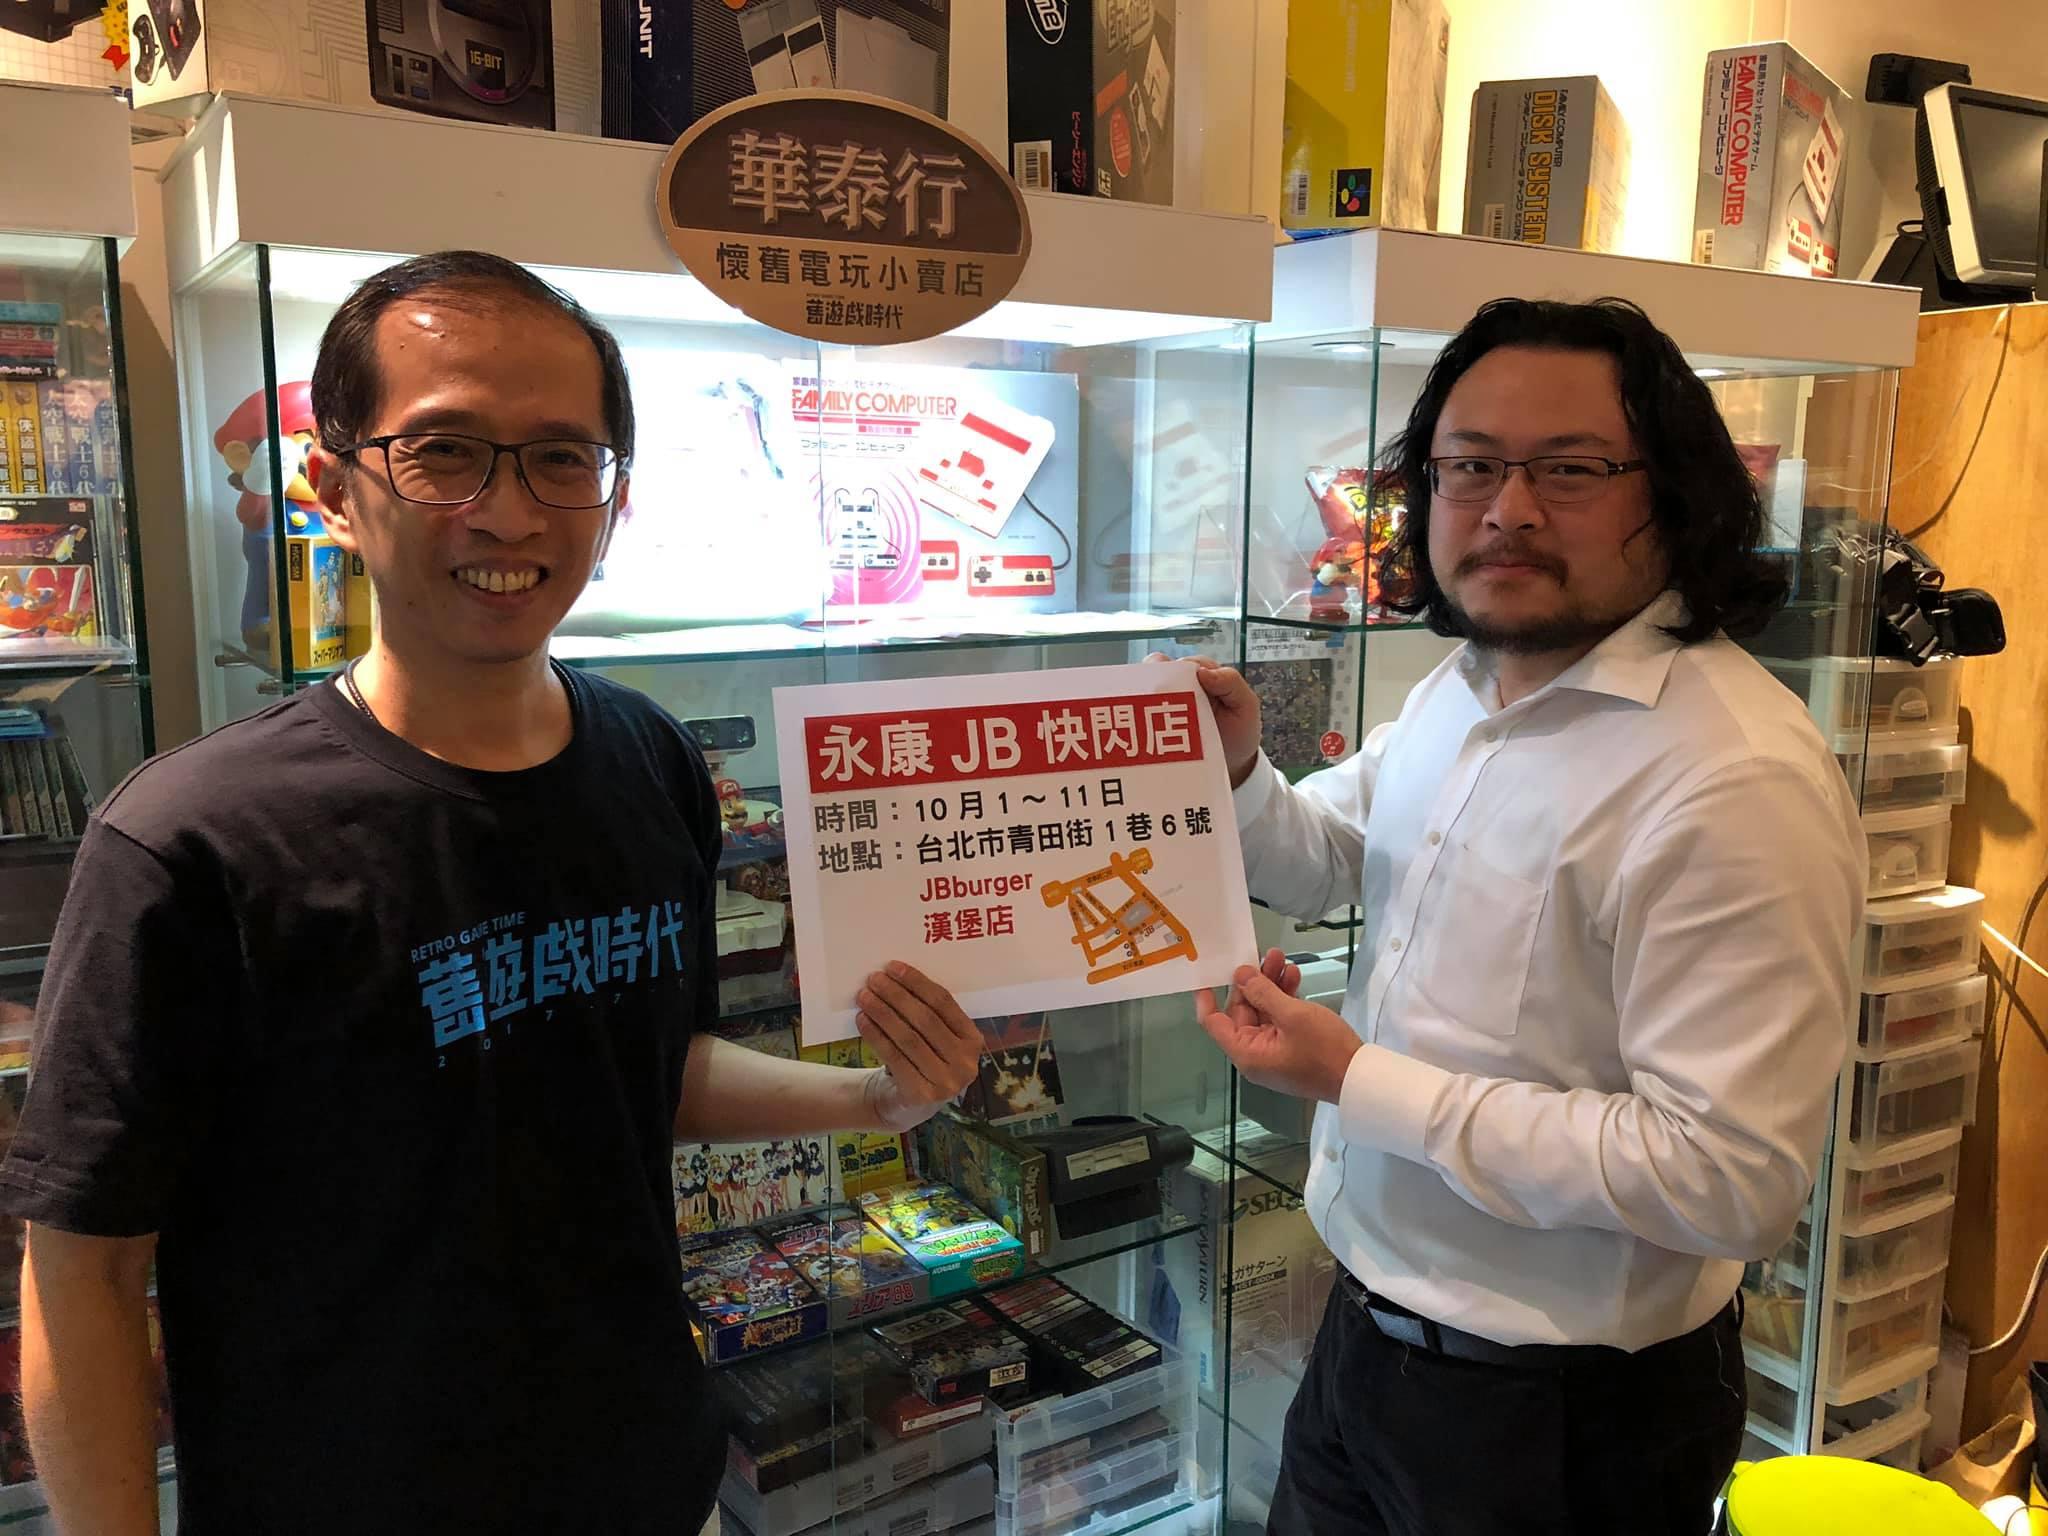 《舊遊戲時代》和《電腦玩家》雜誌主導人在知名漢堡店舉辦懷舊電玩展!